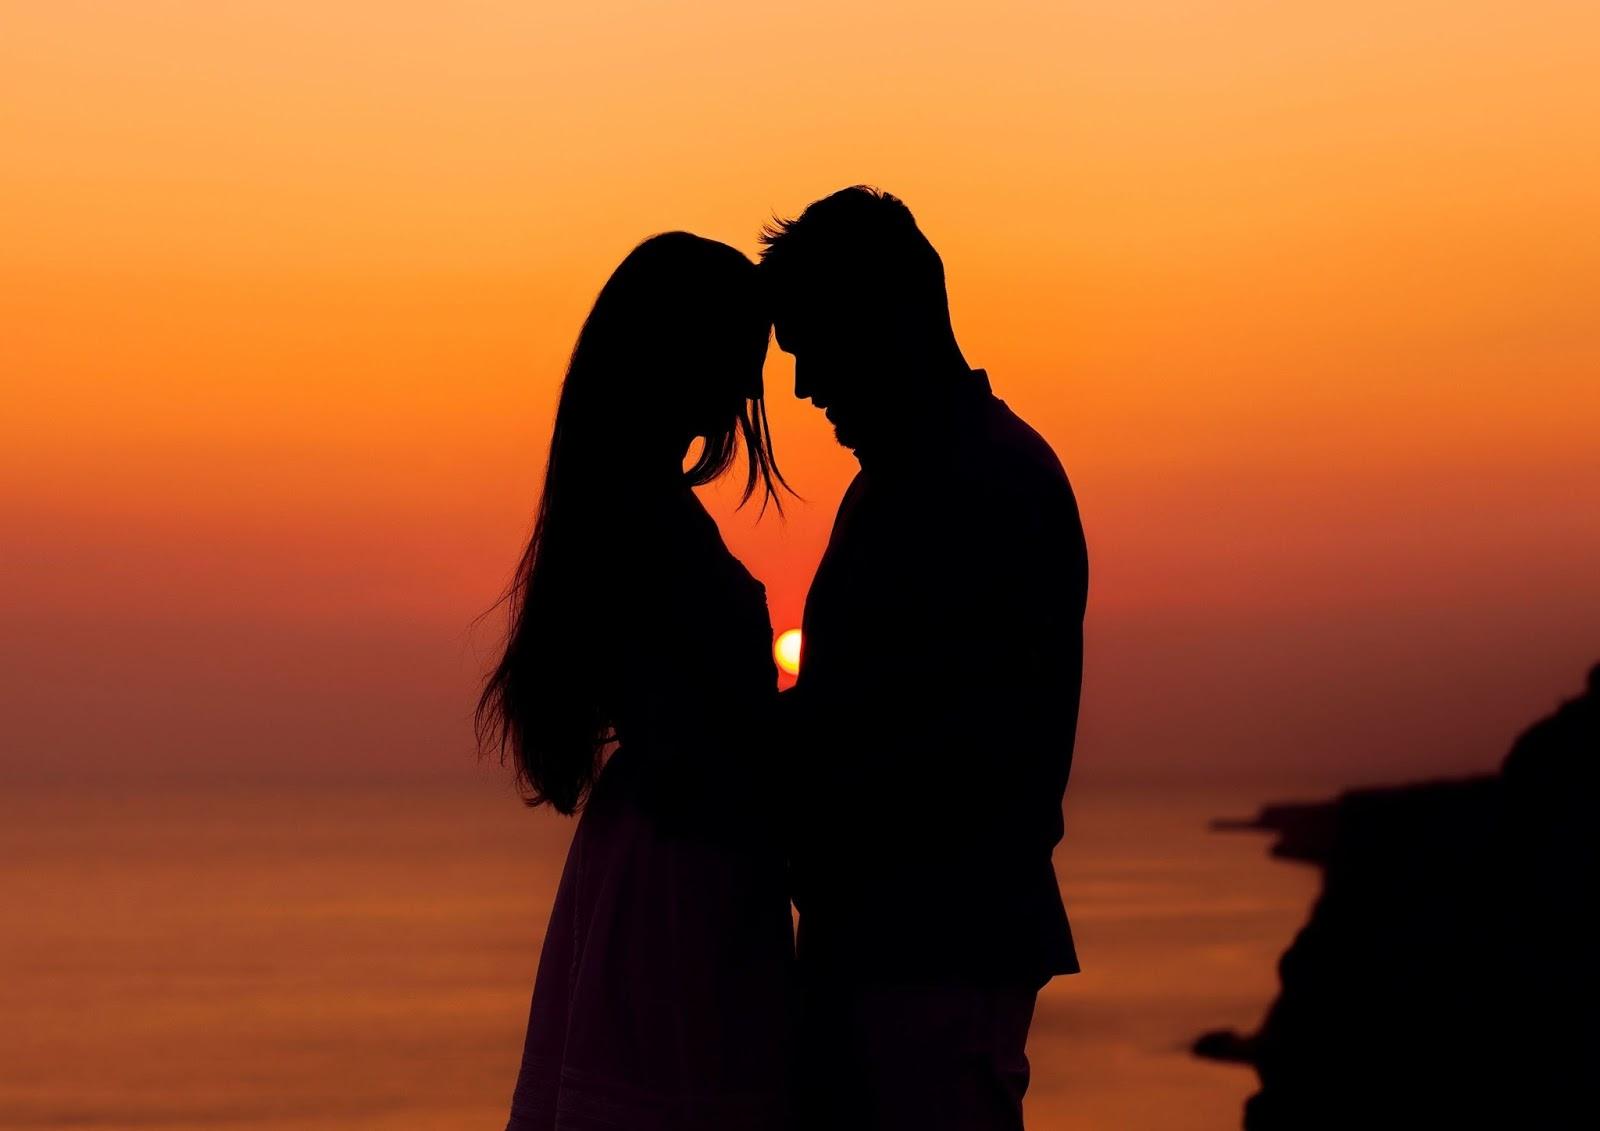 Takut Kekasihku Menjadi Monster Karena Putus Setelah Lama Pacaran